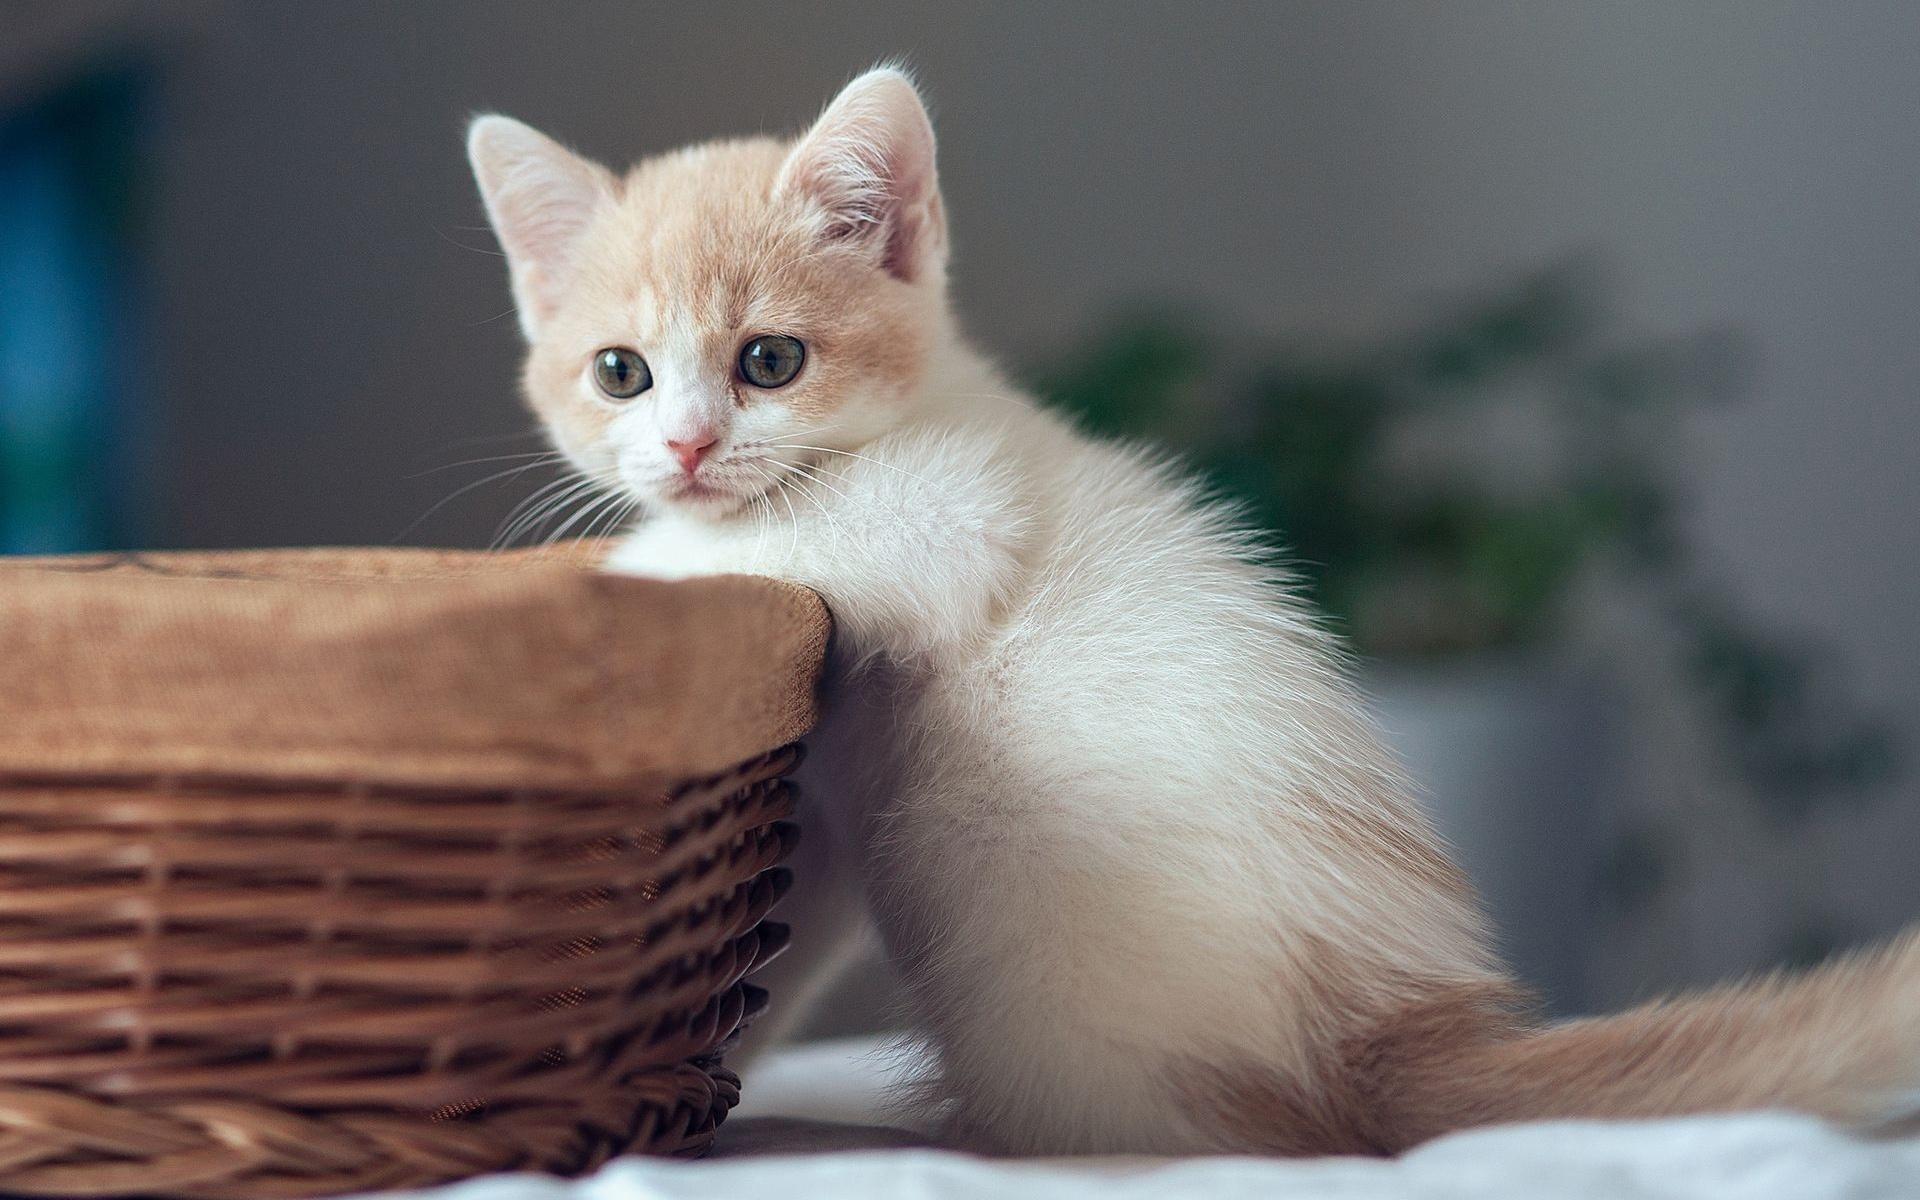 【高清图】可爱小花猫高清桌面壁纸